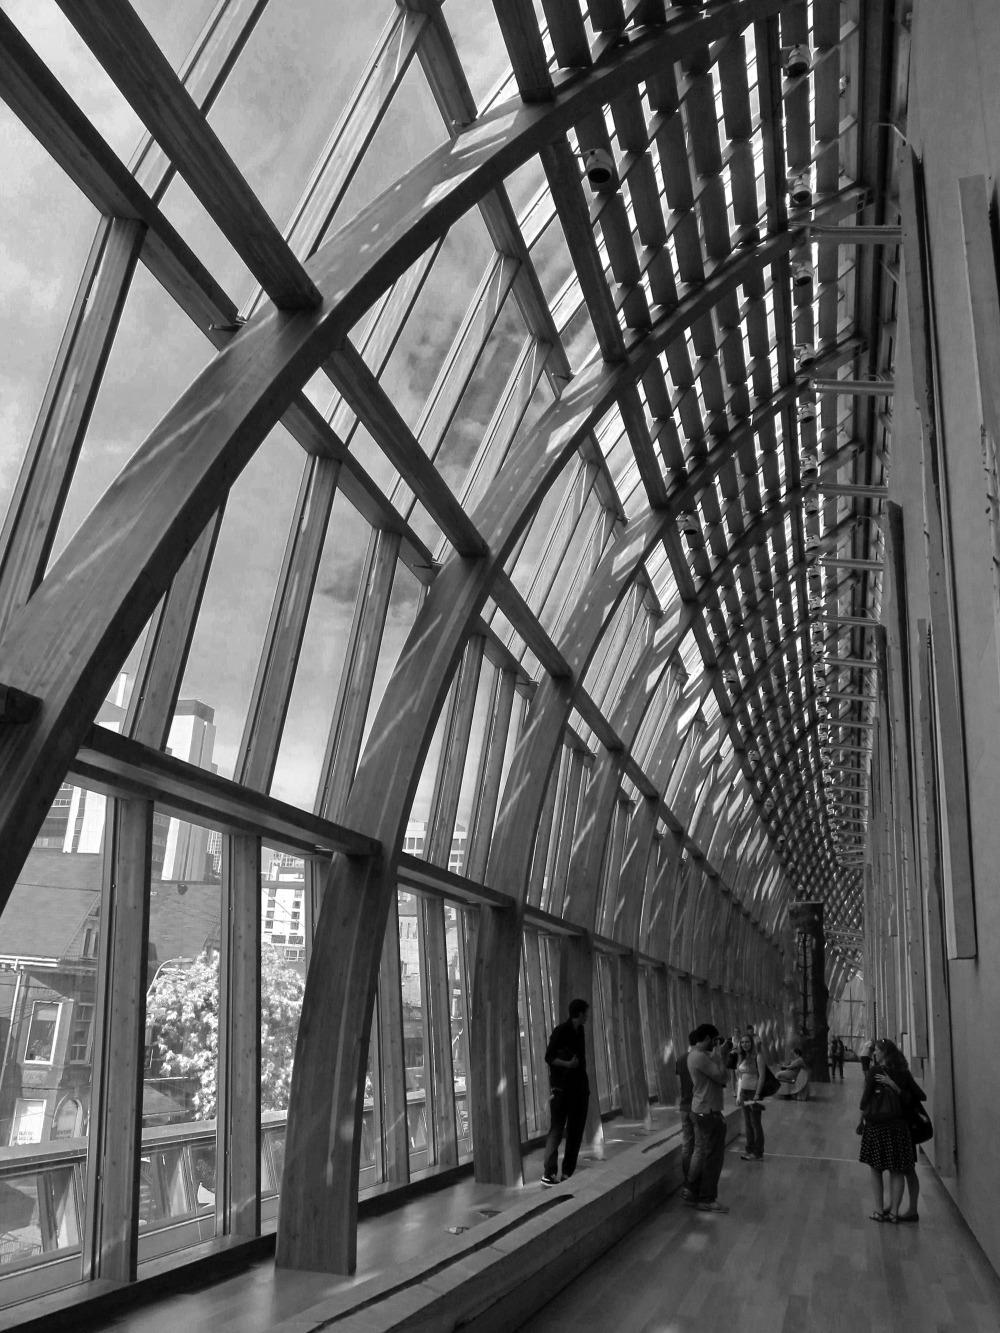 galeria italia interior